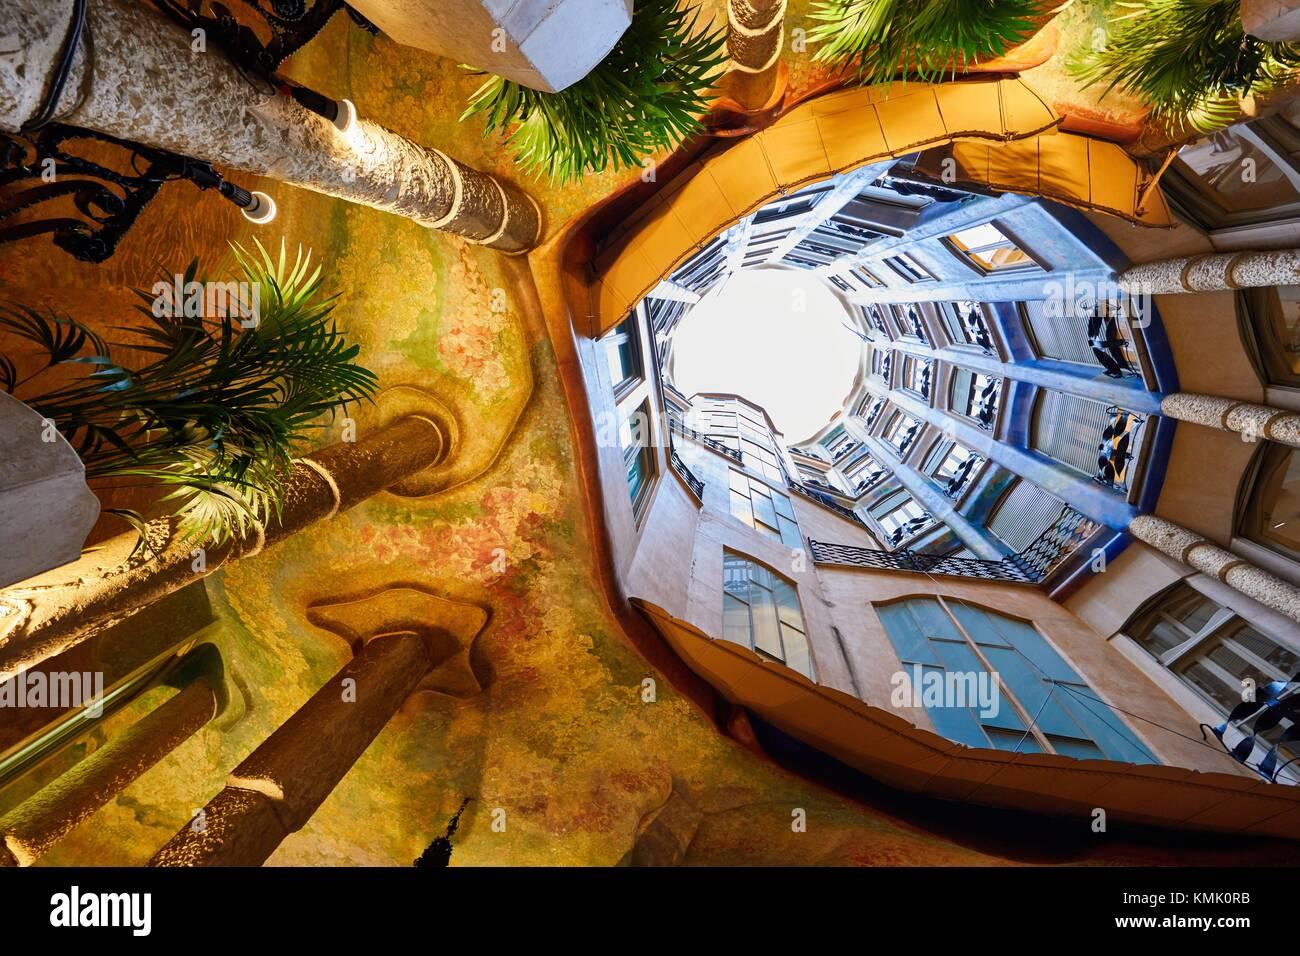 Cour intérieure, Casa Mila, édifice La Pedrera, Antoni Gaudi, Barcelone, Catalogne, Espagne Banque D'Images